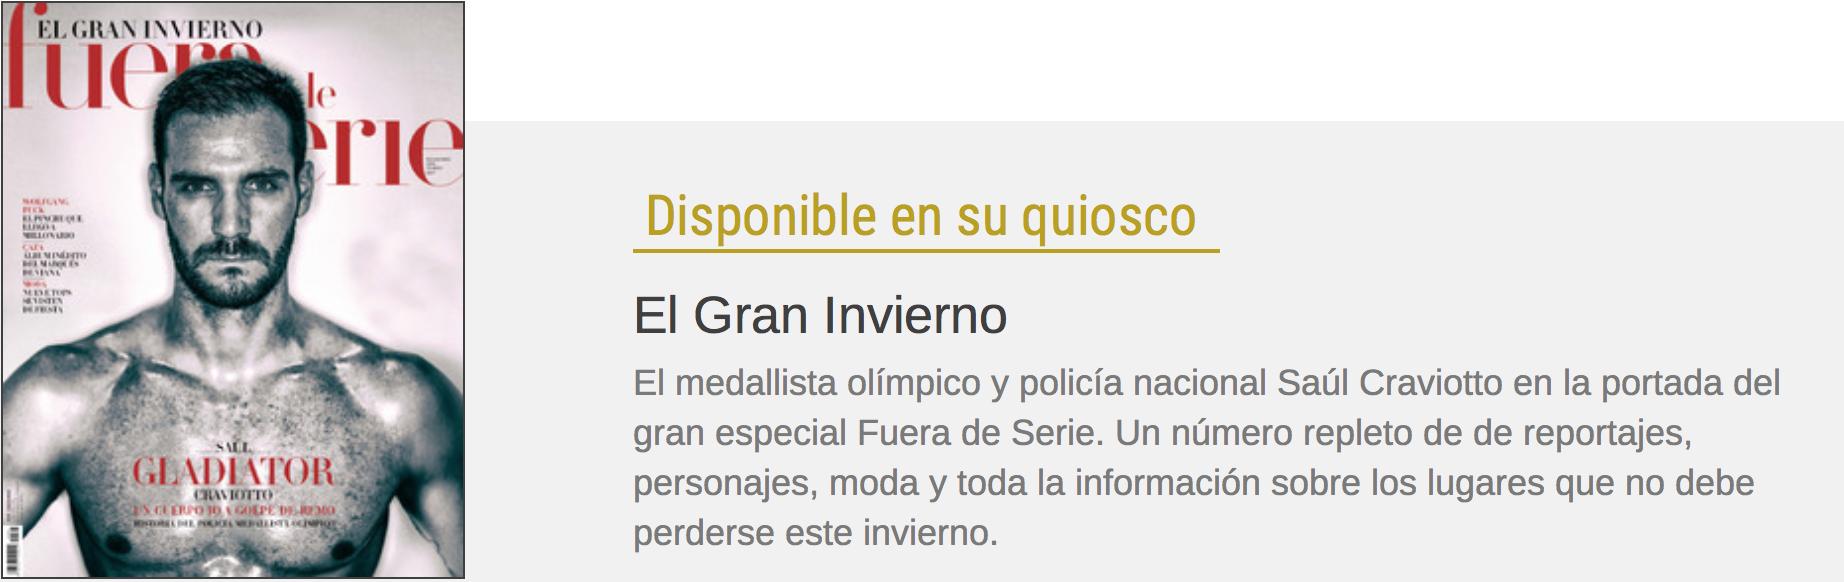 REPORTAJE ABALÓN BY GMA EN LA REVISTA FUERA DE SERIE, CON EL DIARIO EXPANSIÓN